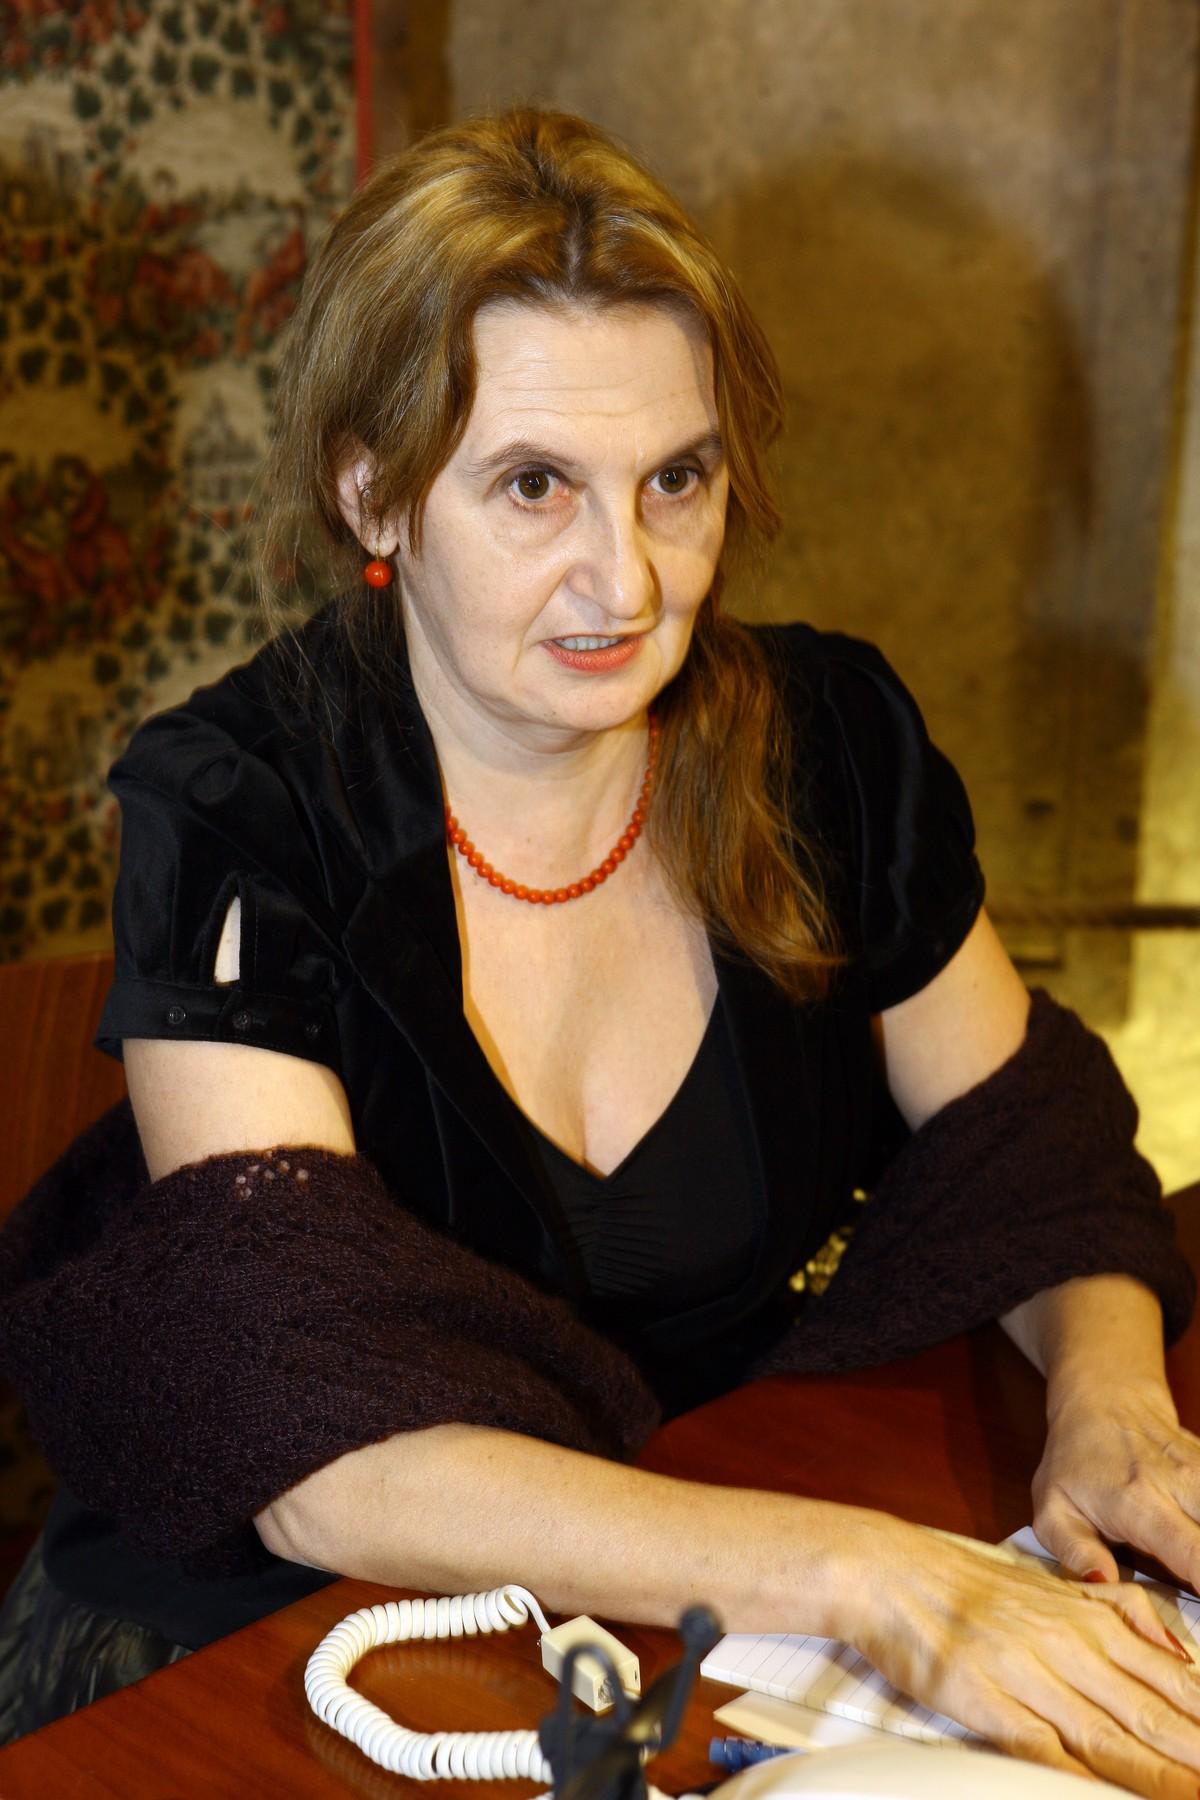 Zralá žena vypadá velice sexy a mladě